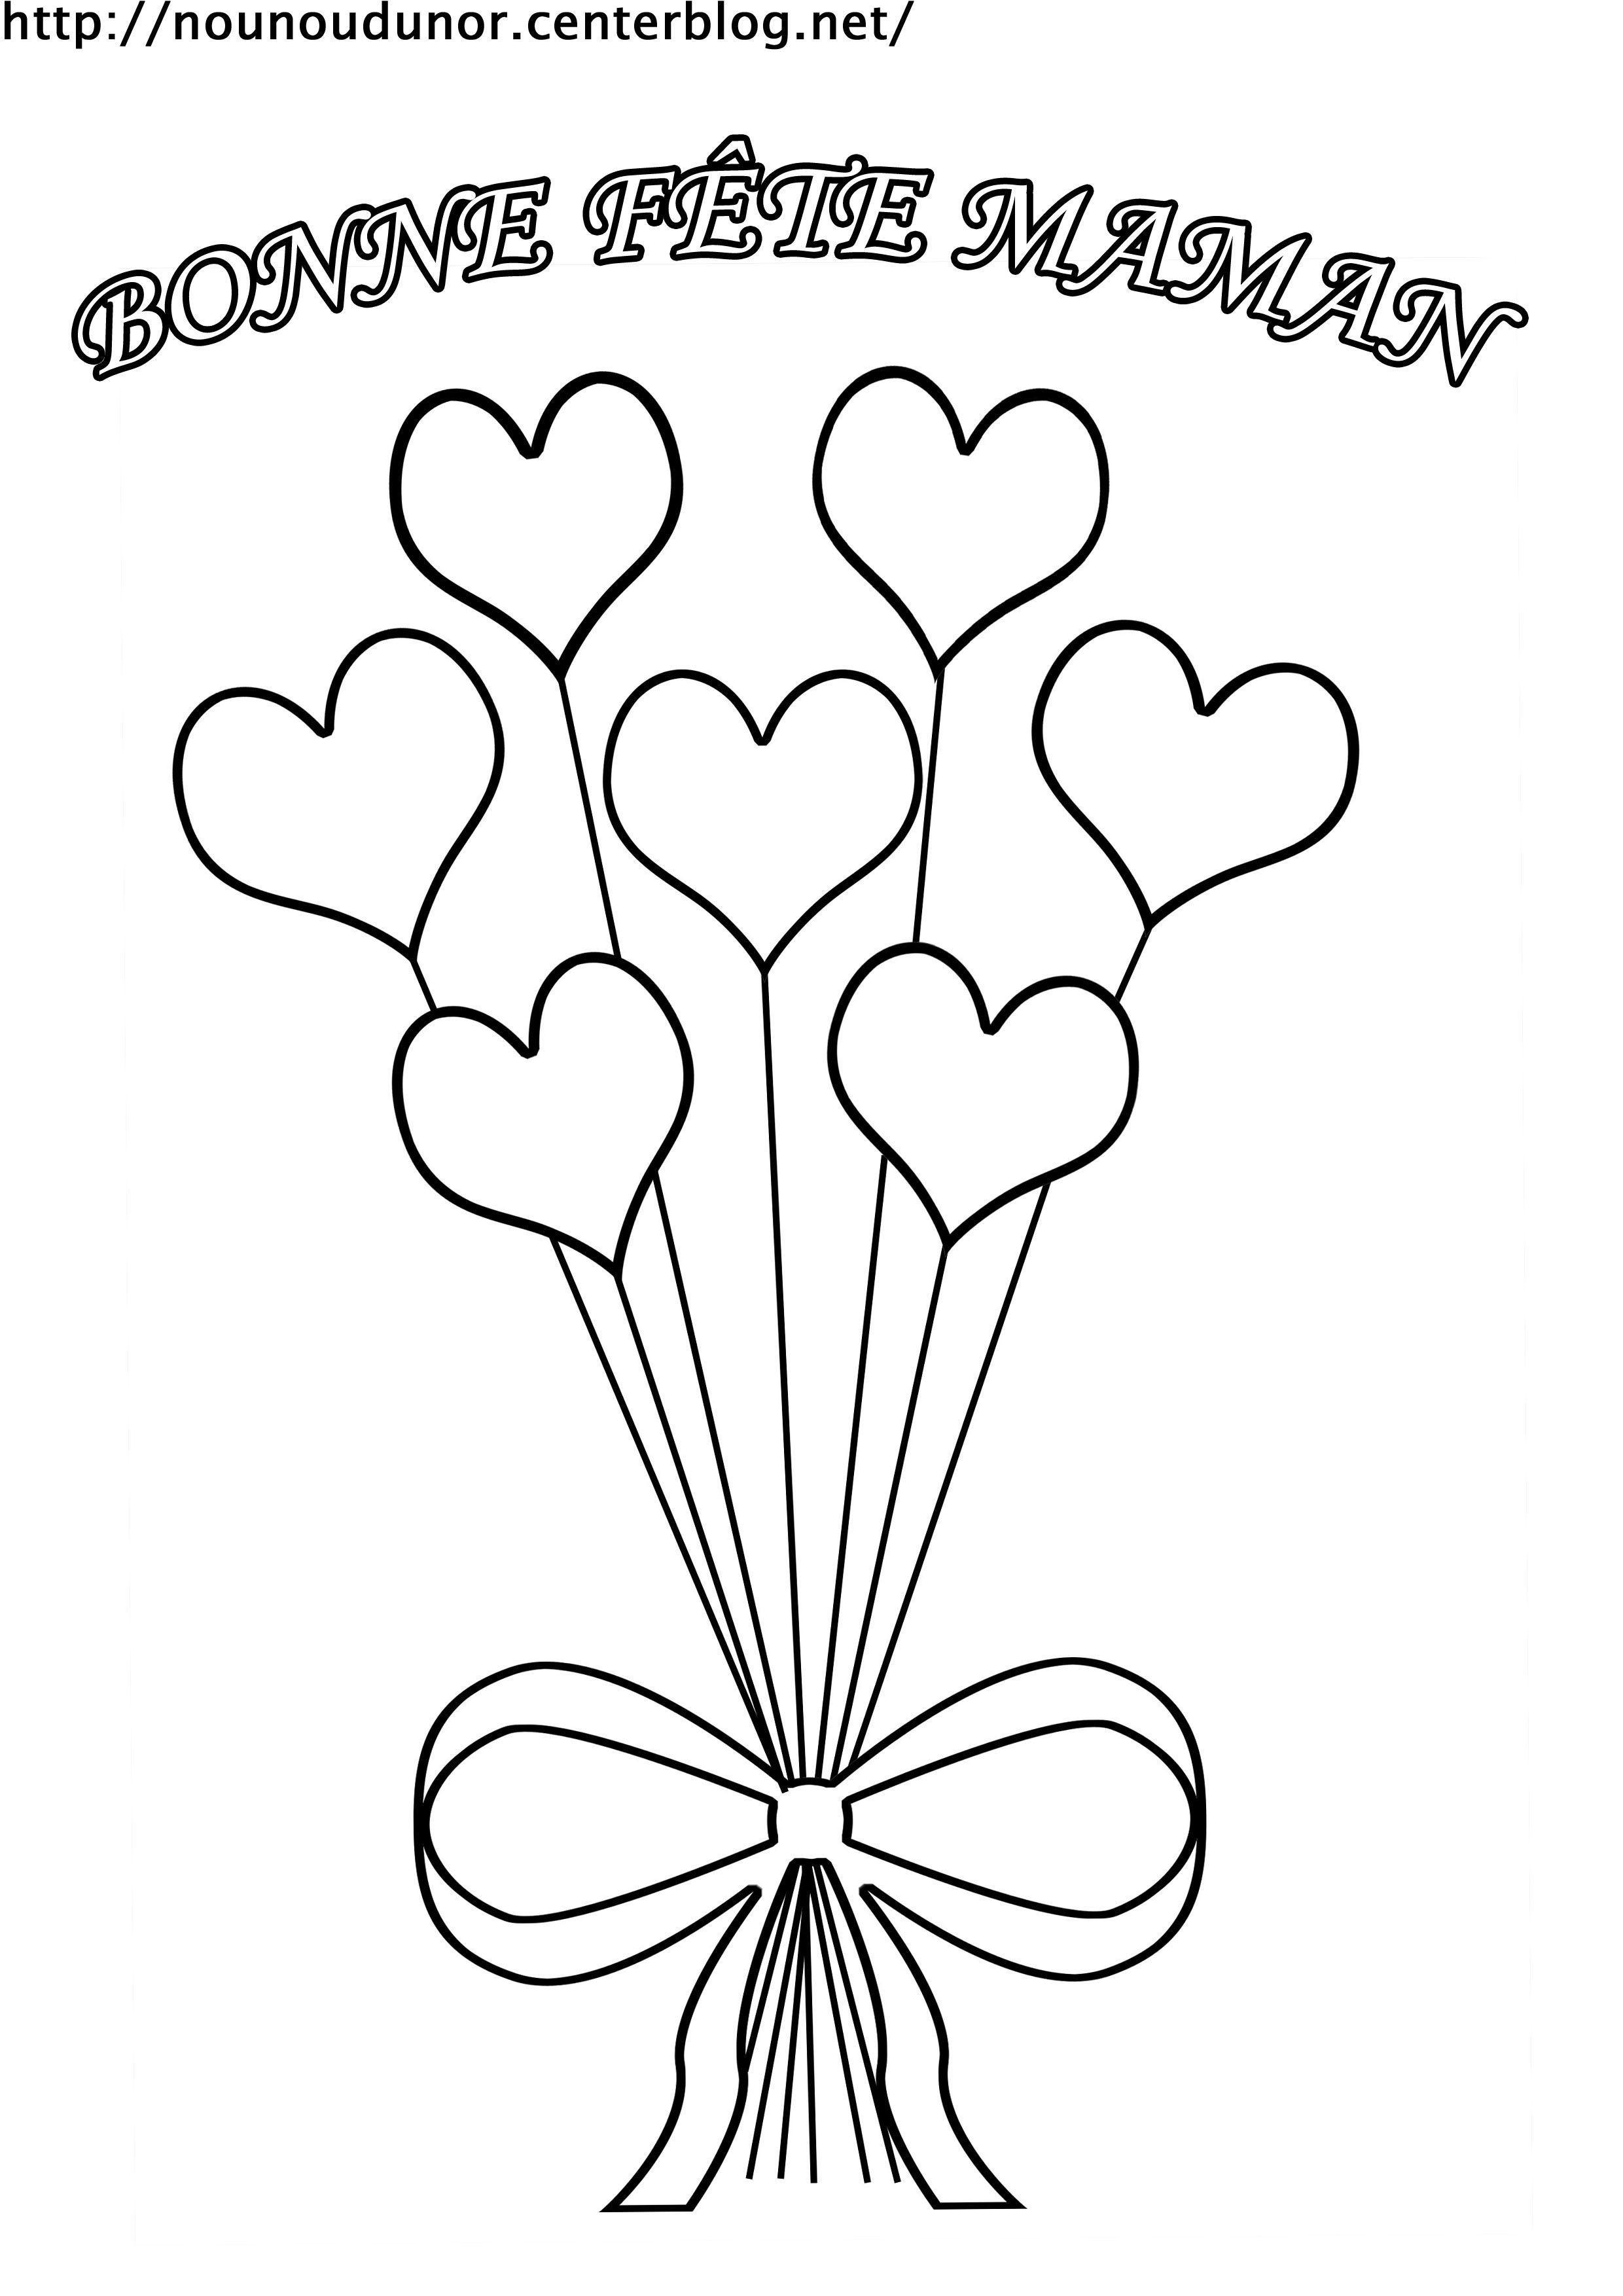 Coloriage Bouquet De Coeur Bonne Fête Maman avec Dessin Pour La Fête Des Mères